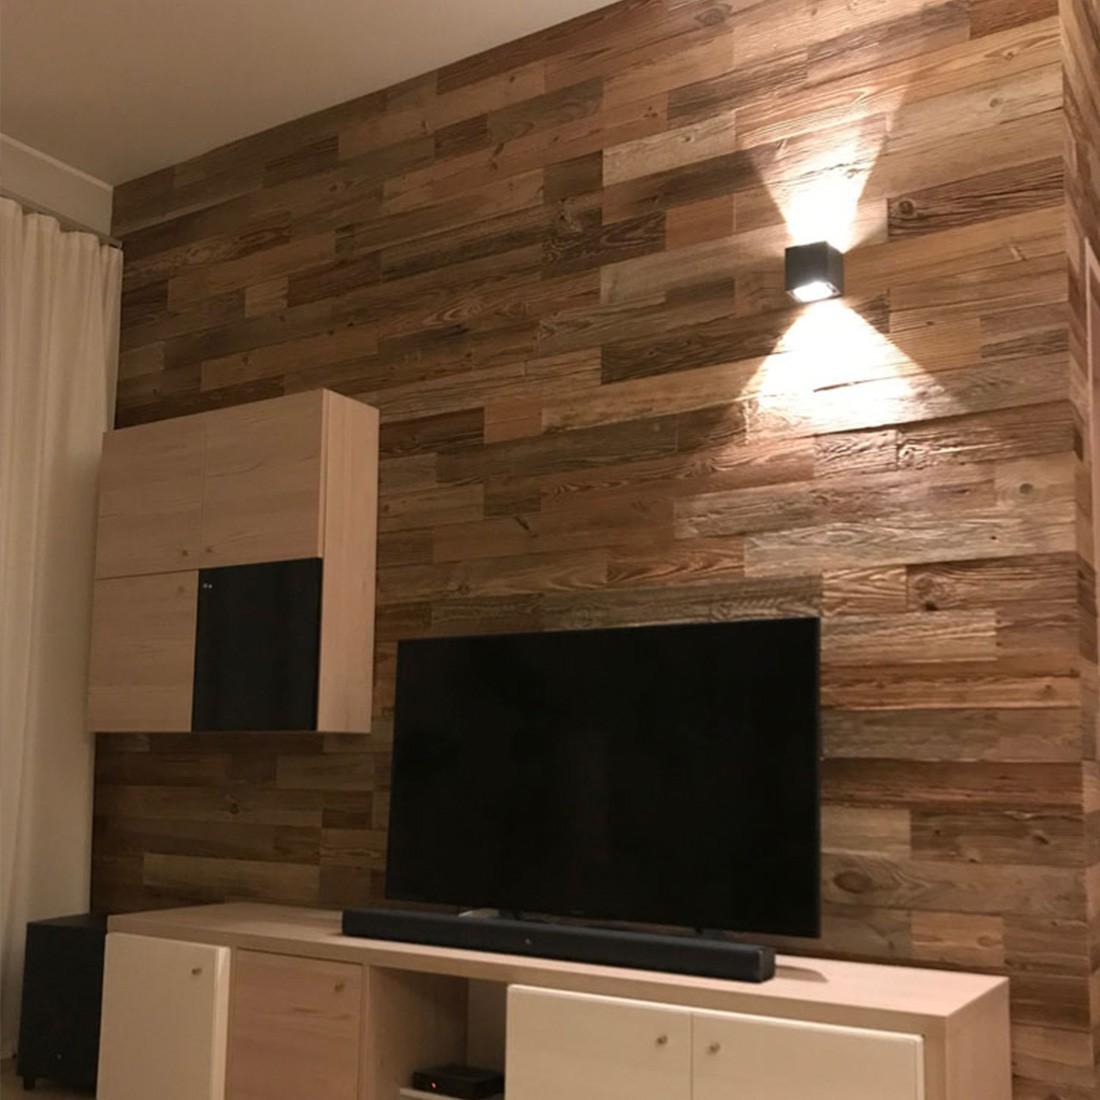 Mur En Parement Salon panneau mural bois nature : parement bois mural